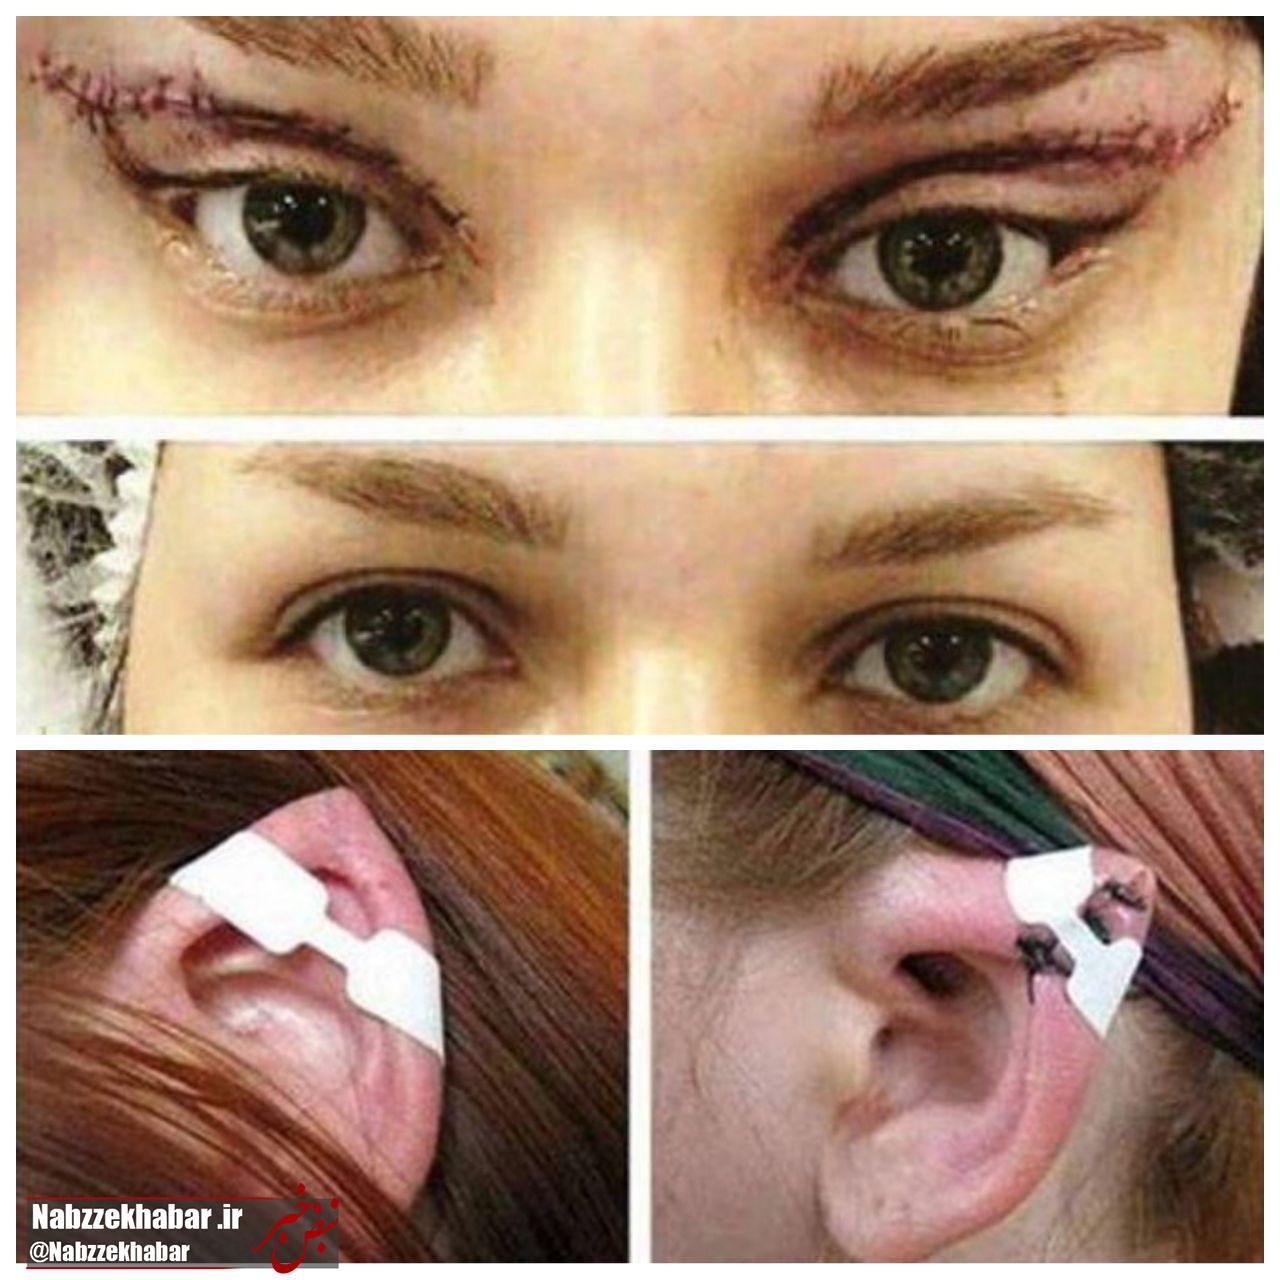 جراحی های تغییر رنگ چشم و شکل گوش قابل تعقیب کیفری است